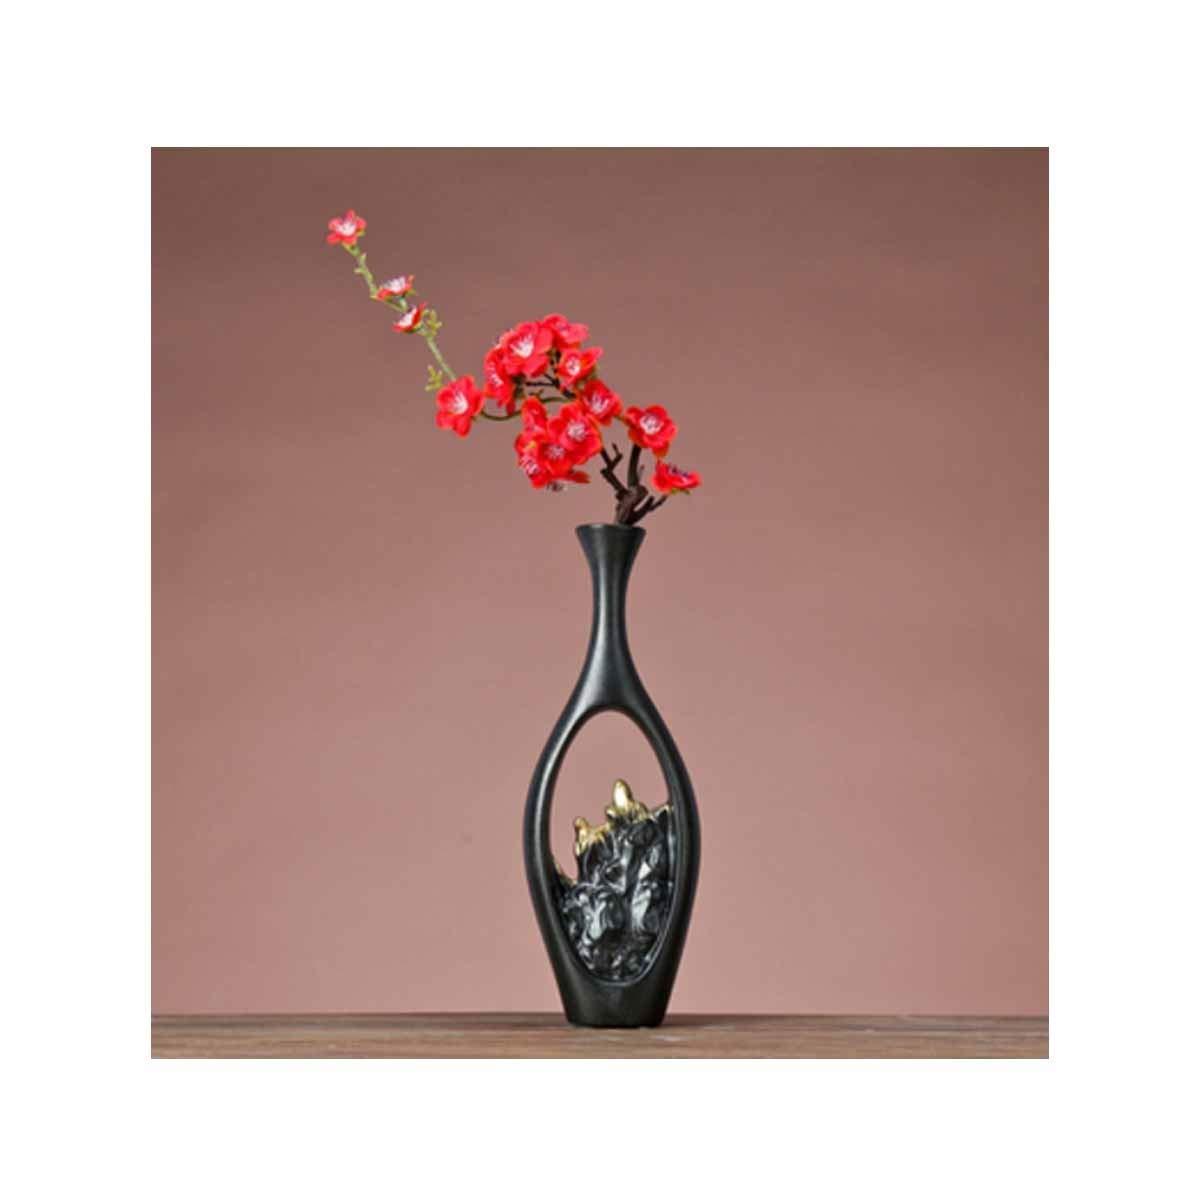 花瓶、クリエイティブ中国の陶製の花瓶、クリエイティブホームオフィスの飾り、長い黒い花を運ぶ (Color : Black 8) B07RSYHMMN Black 8